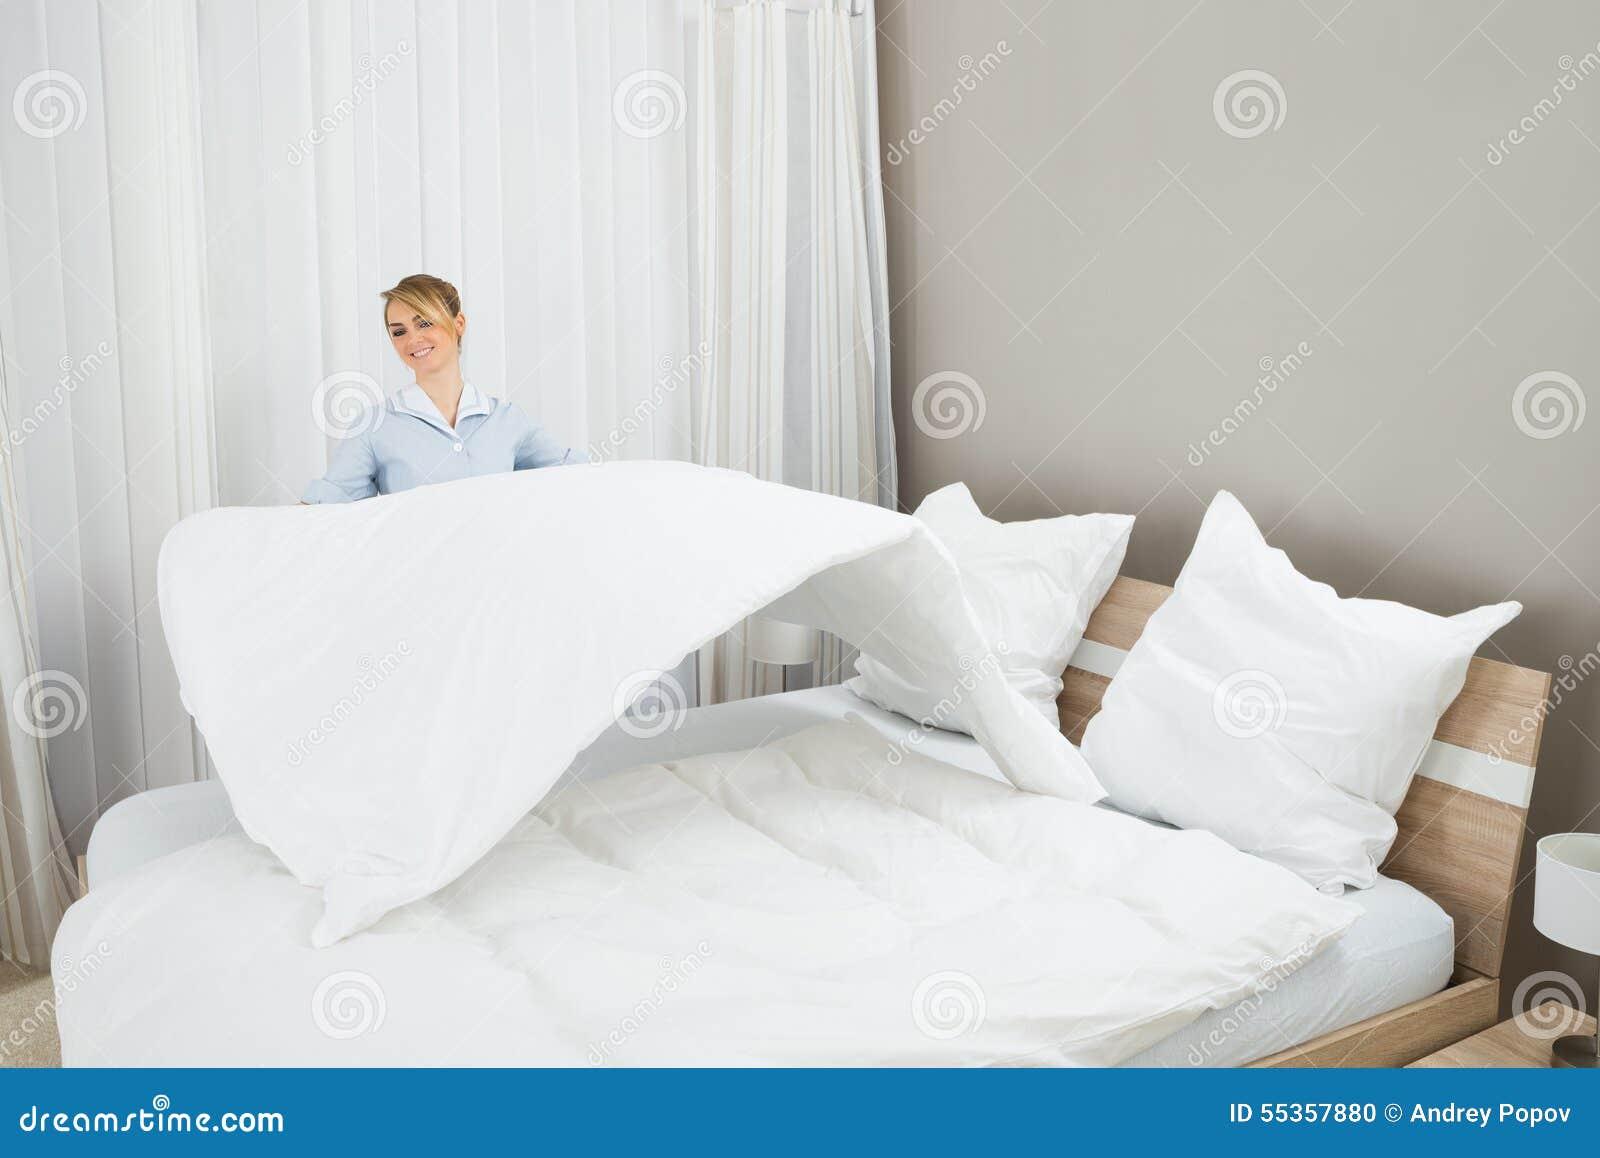 Lavoratore femminile di governo della casa che fa letto